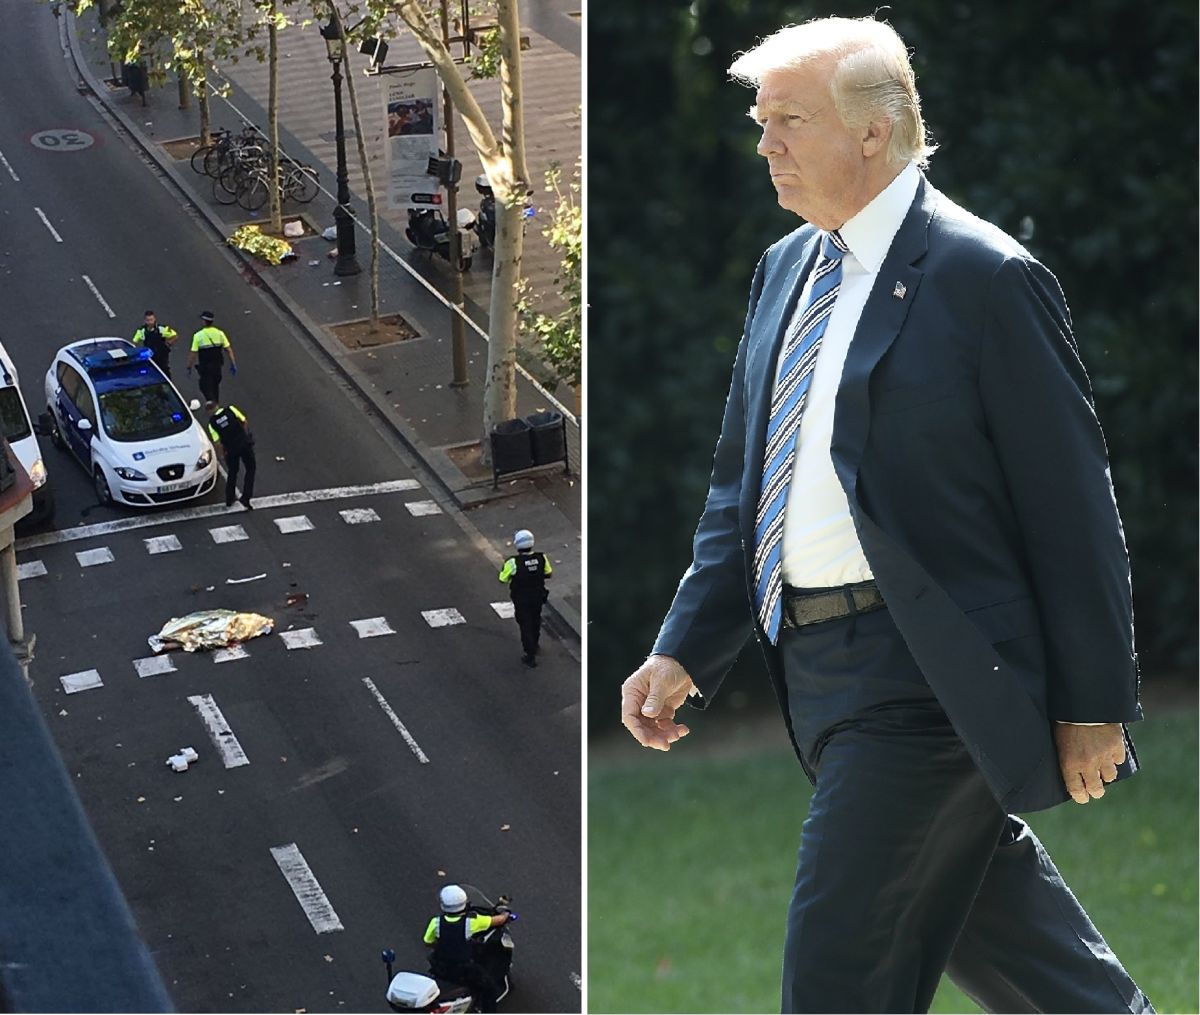 El presidente Trump lamentó los hechos en España que dejaron al menos 13 muertos y más de 50 heridos.